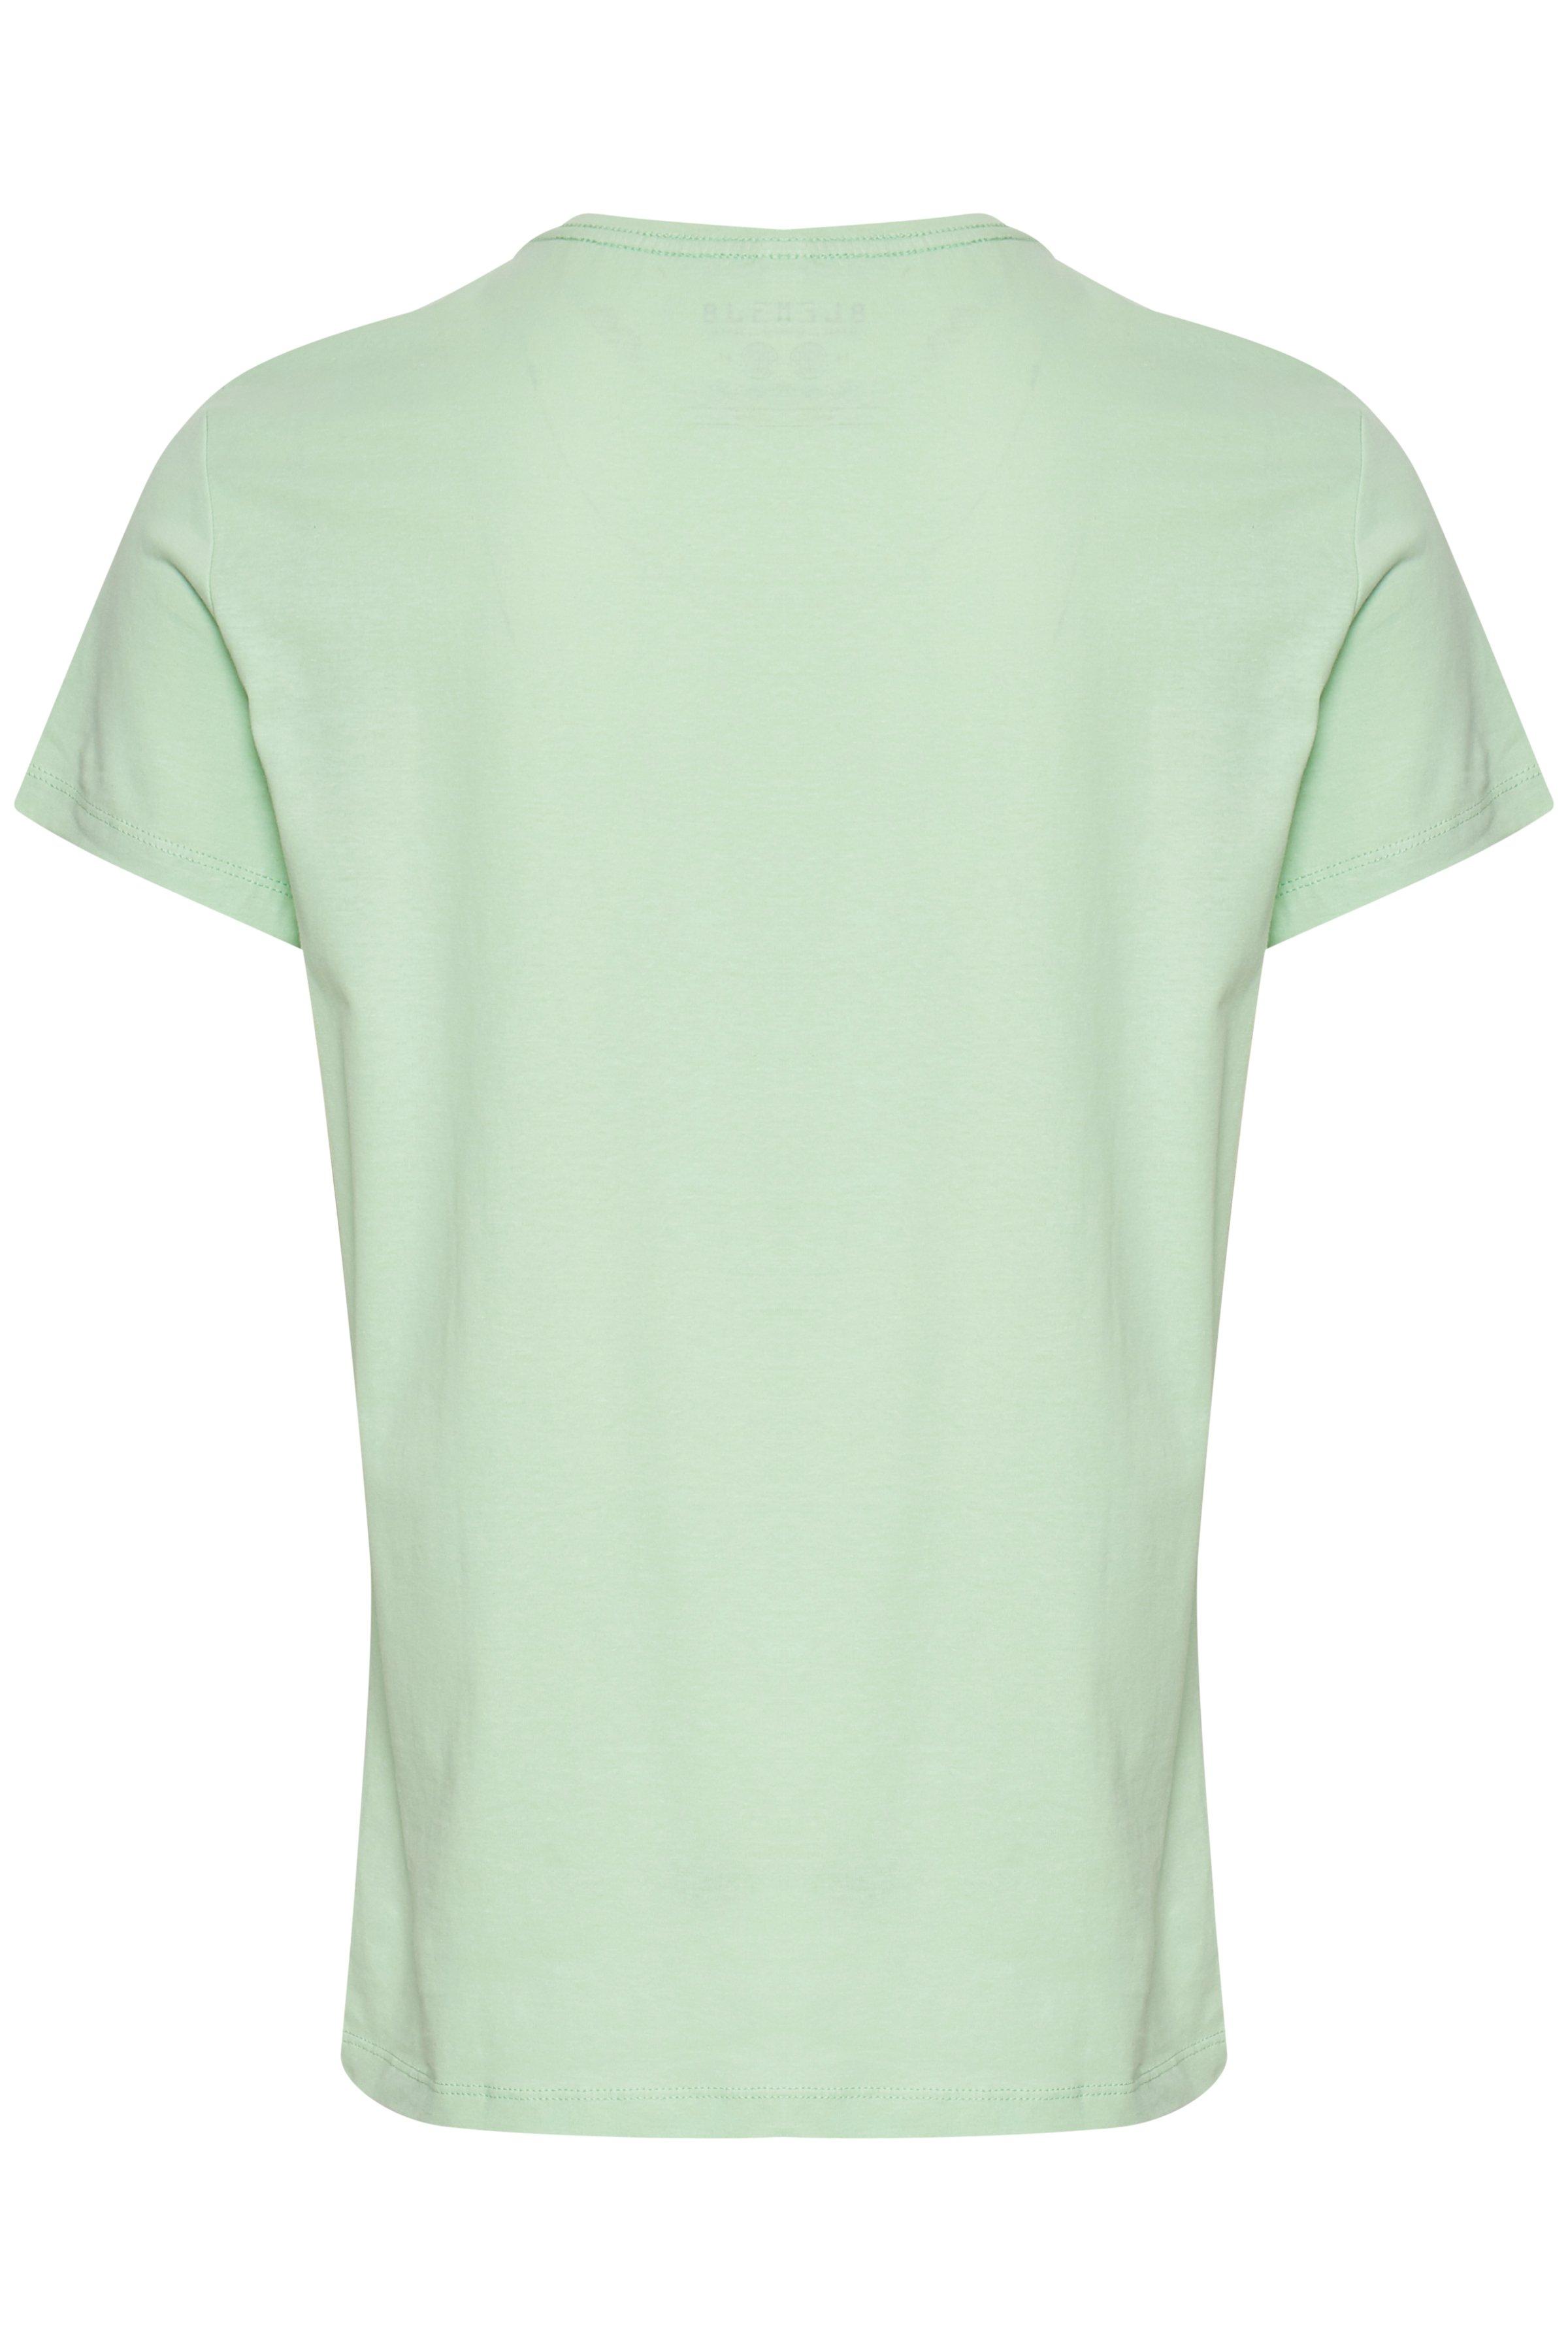 Foam Green T-shirt – Køb Foam Green T-shirt fra str. S-XL her